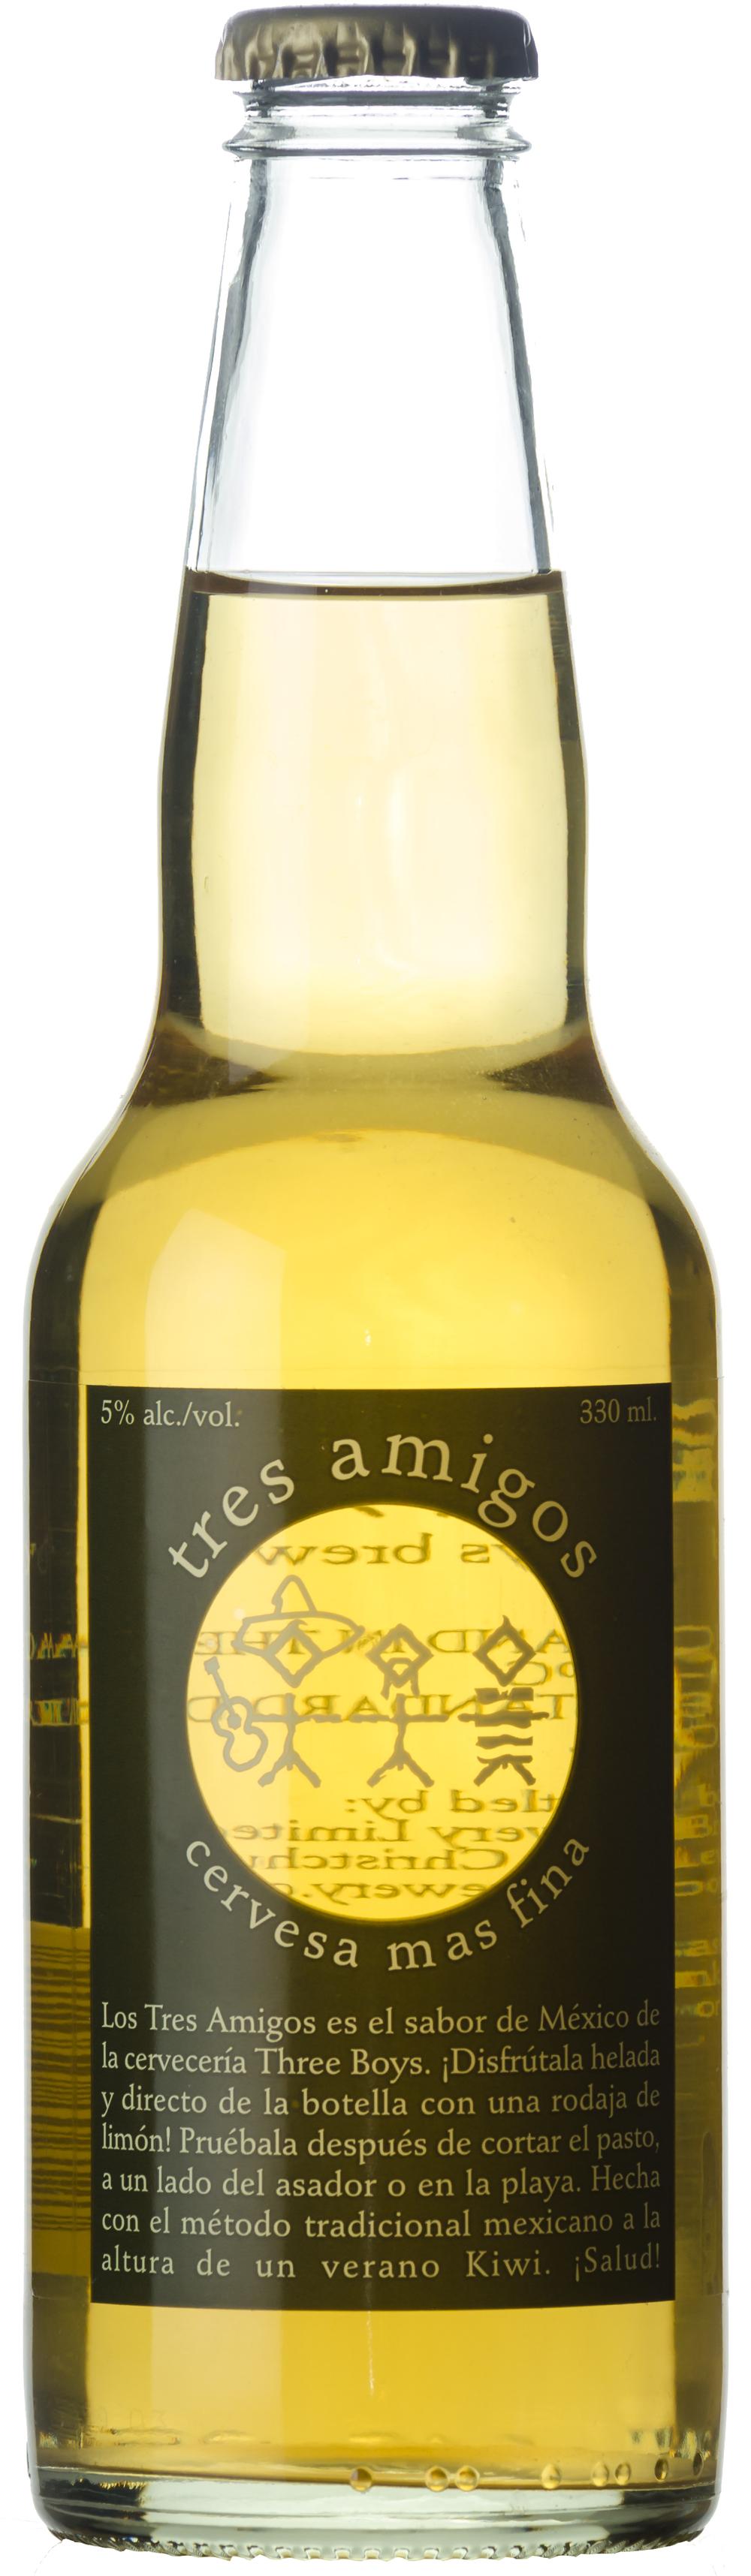 Tres Amigos bottle - no shadow.jpg